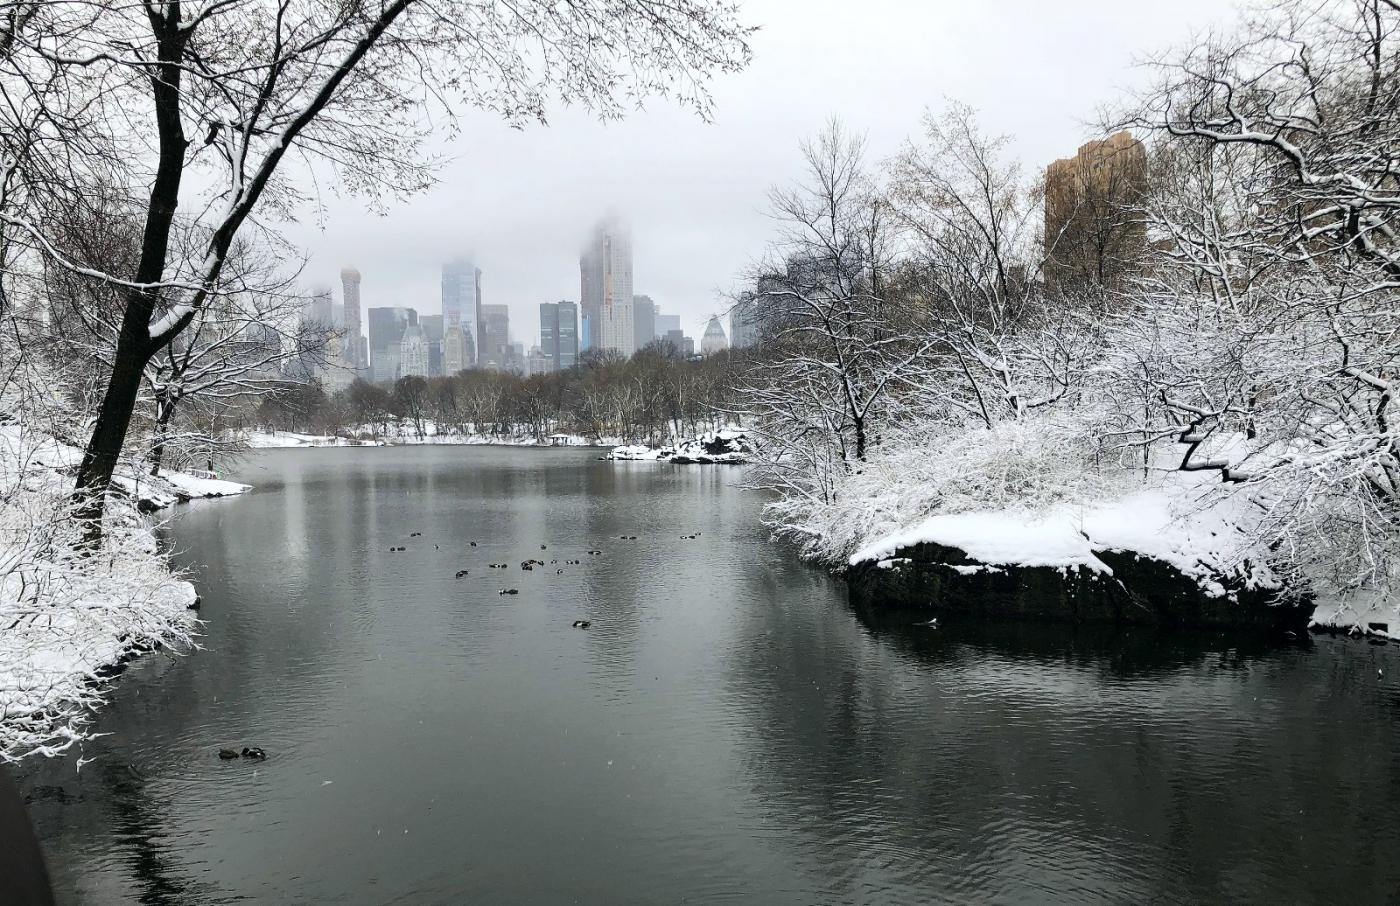 【田螺手机摄影】纽约雪景、还是中央公园最漂亮[二]_图1-3